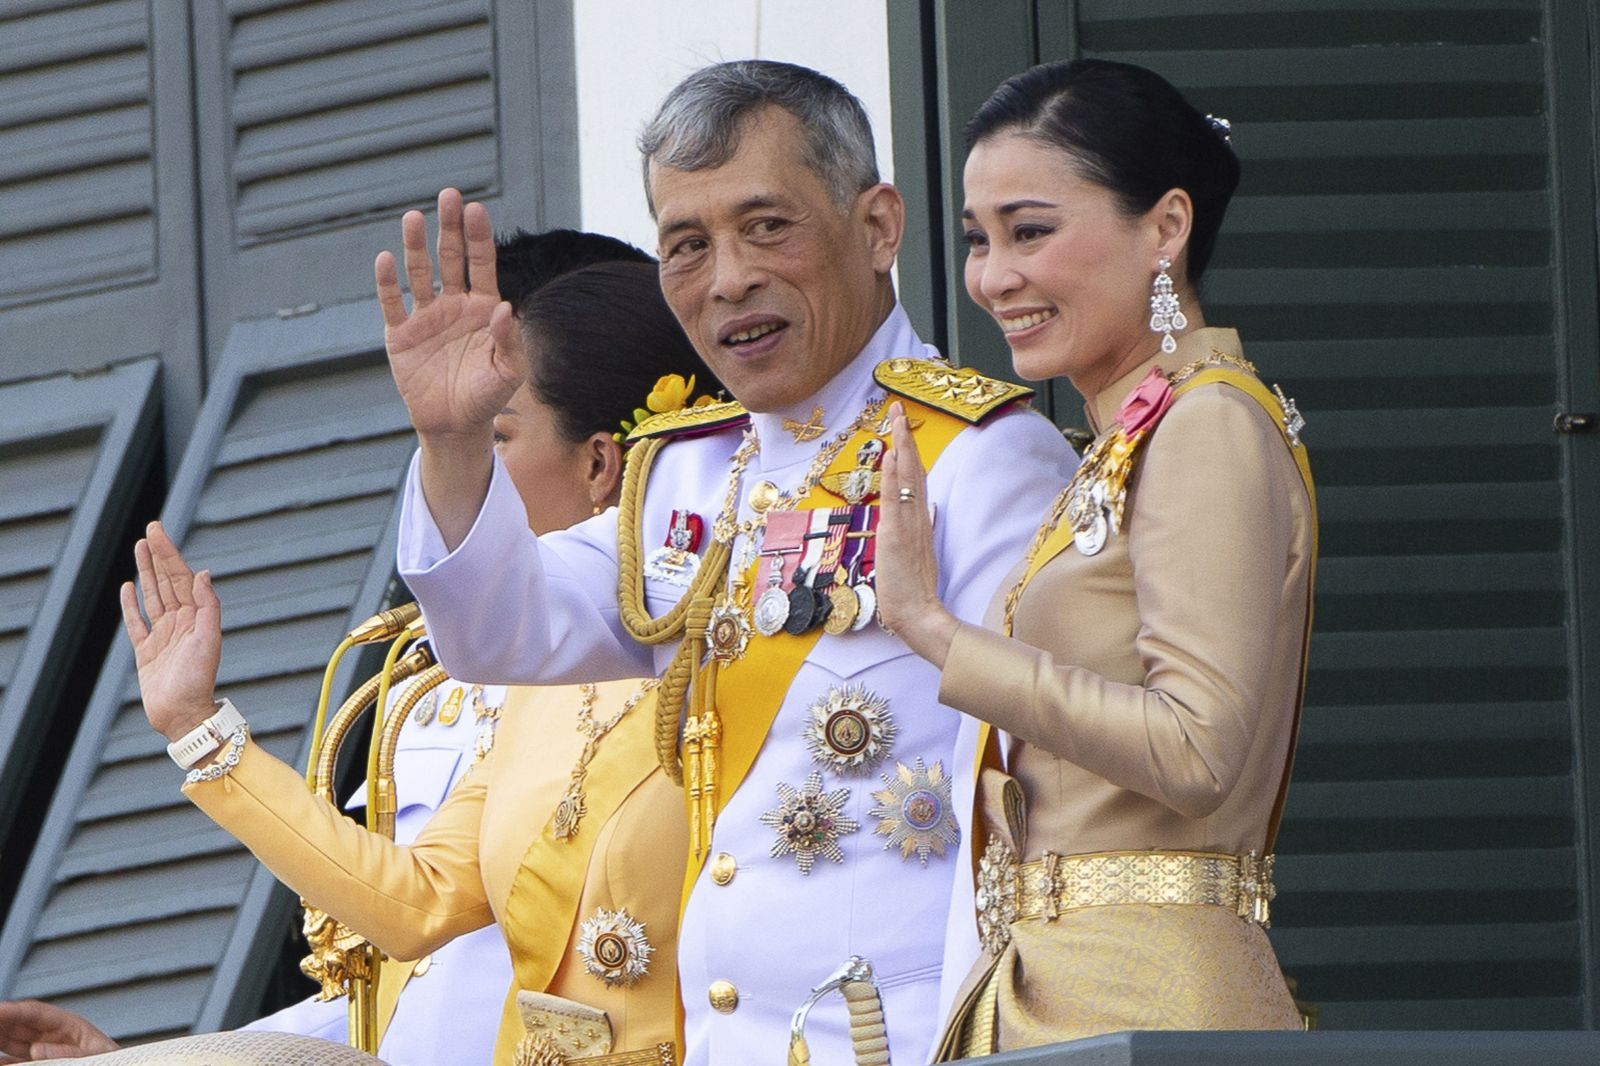 Thajský kráľ sa zavrel do karantény s 20 ženami vo svojom háreme. Doma schytáva obrovskú kritiku